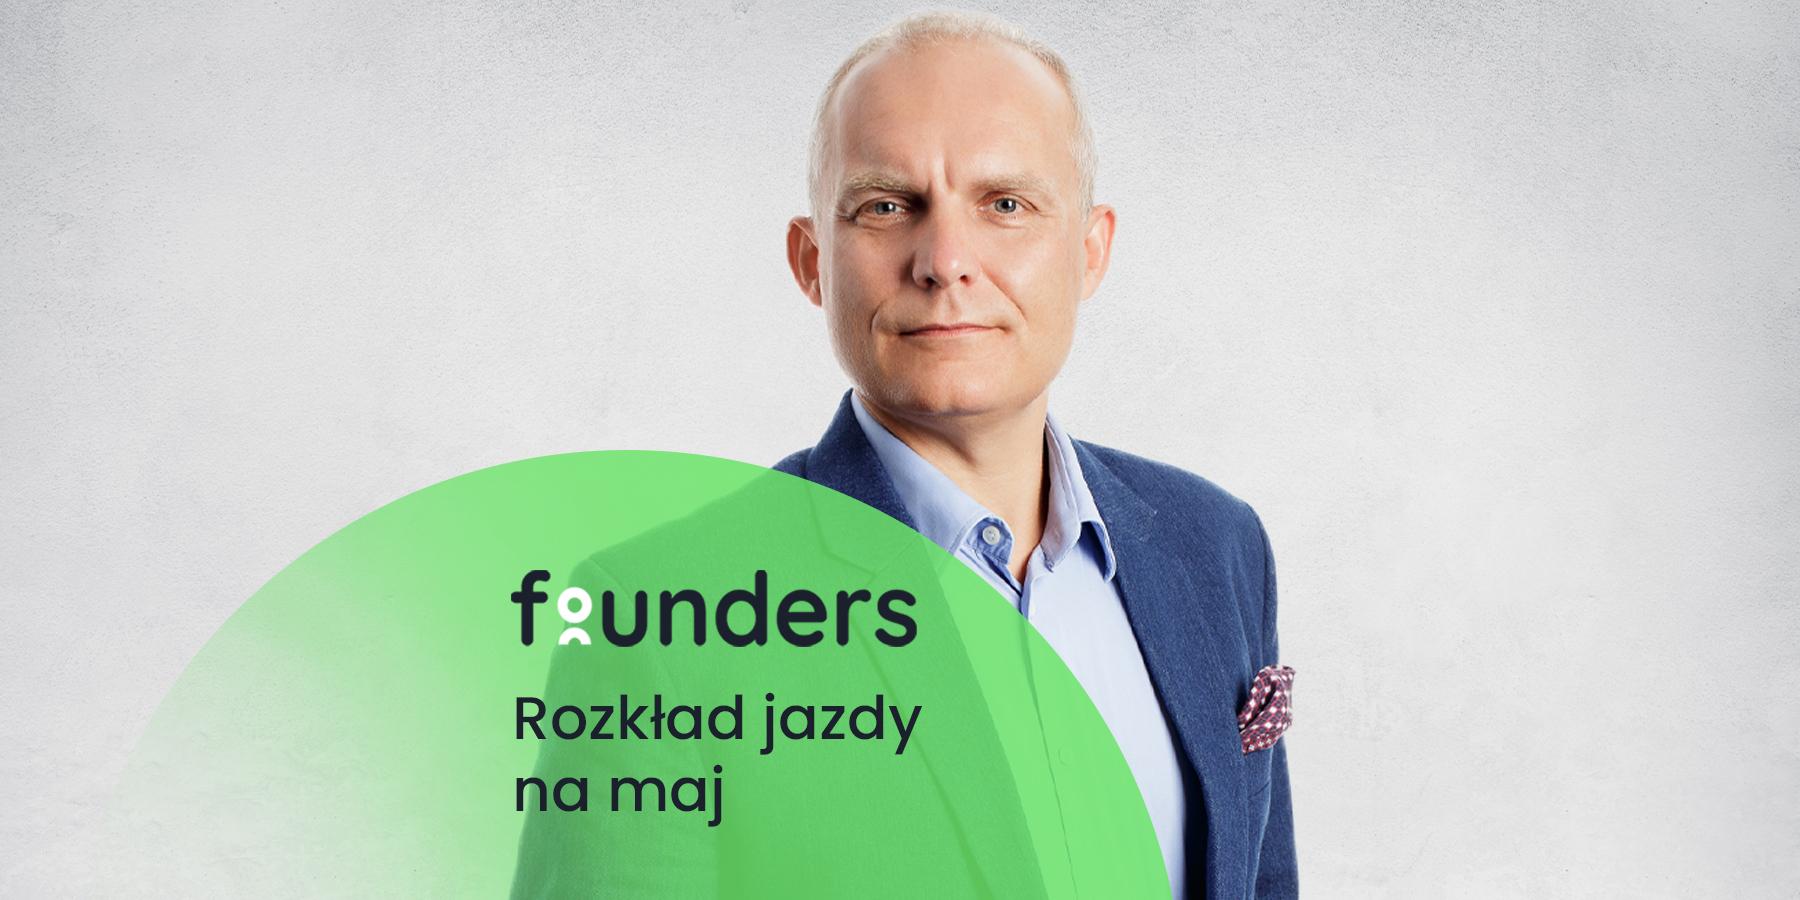 Co zrobić, bypo20 latach nadal chcieć robić wspólny biznes [Maj zFounders.pl]